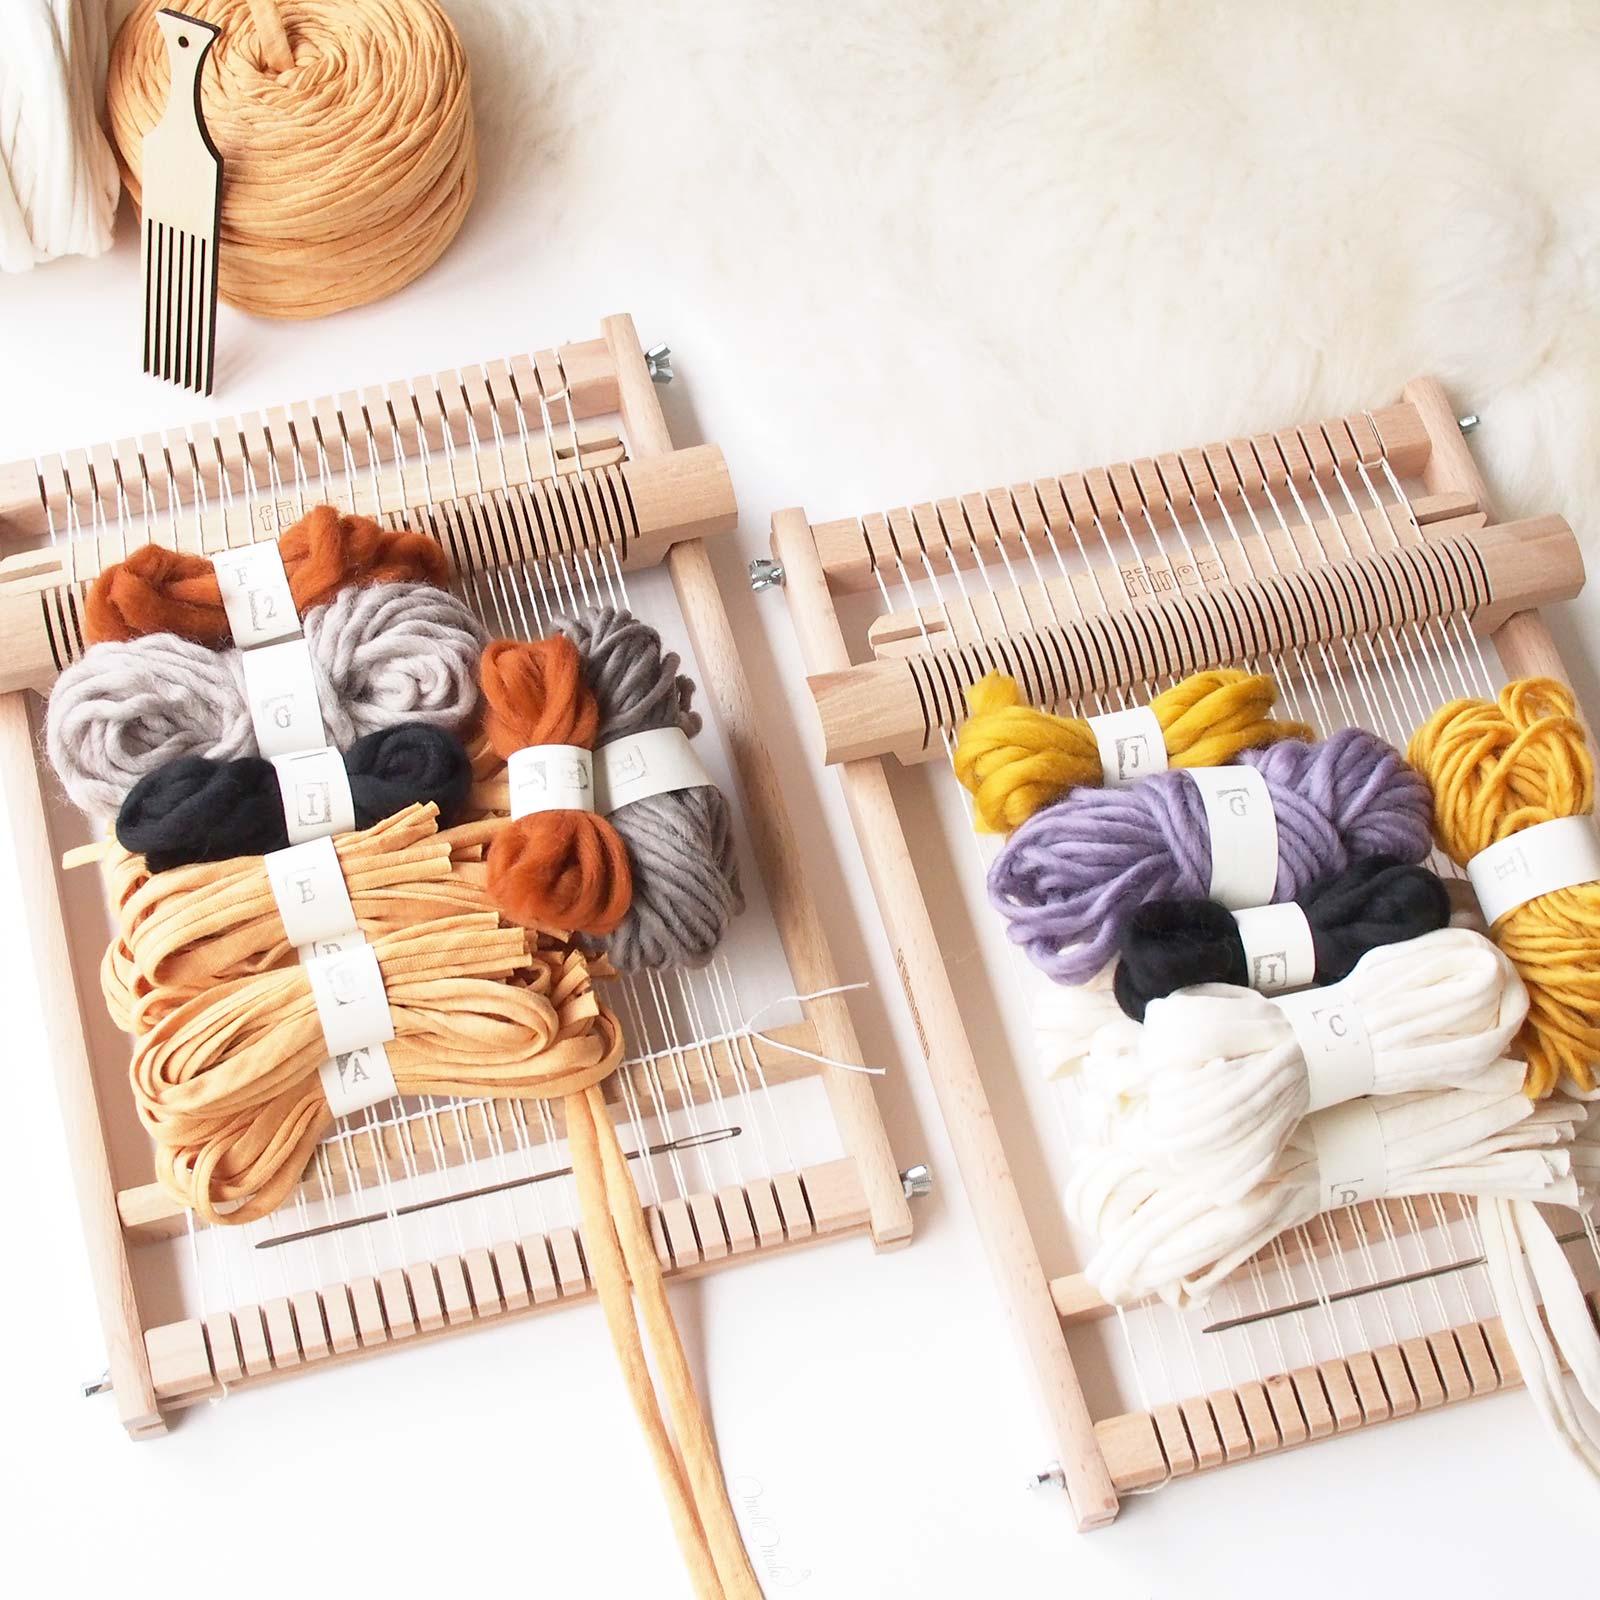 kit de tissage DIY couleurs chaudes woolandthegang weareknitters funemstudio laboutiquedemelimelo